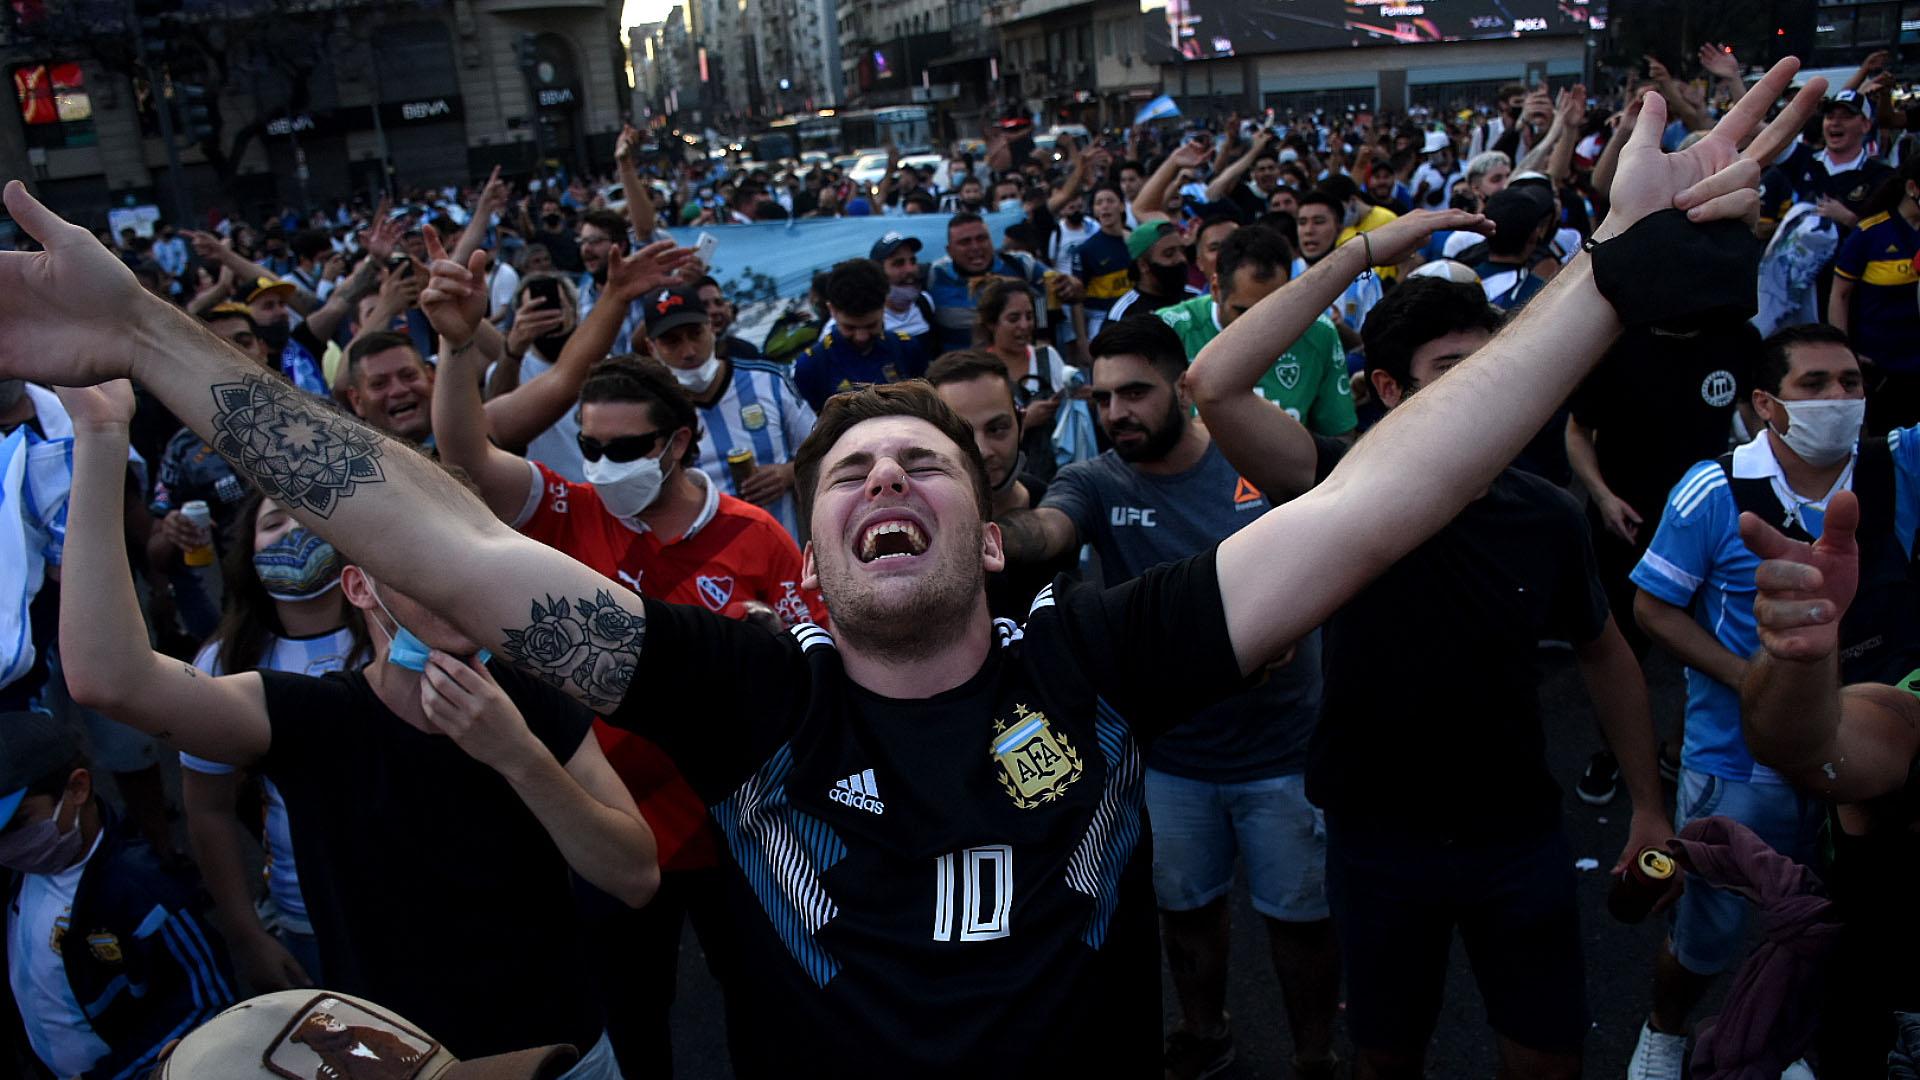 La emoción de uno de los hinchas. La incredulidad por la noticia ganó las calles (Nicolás Stulberg)